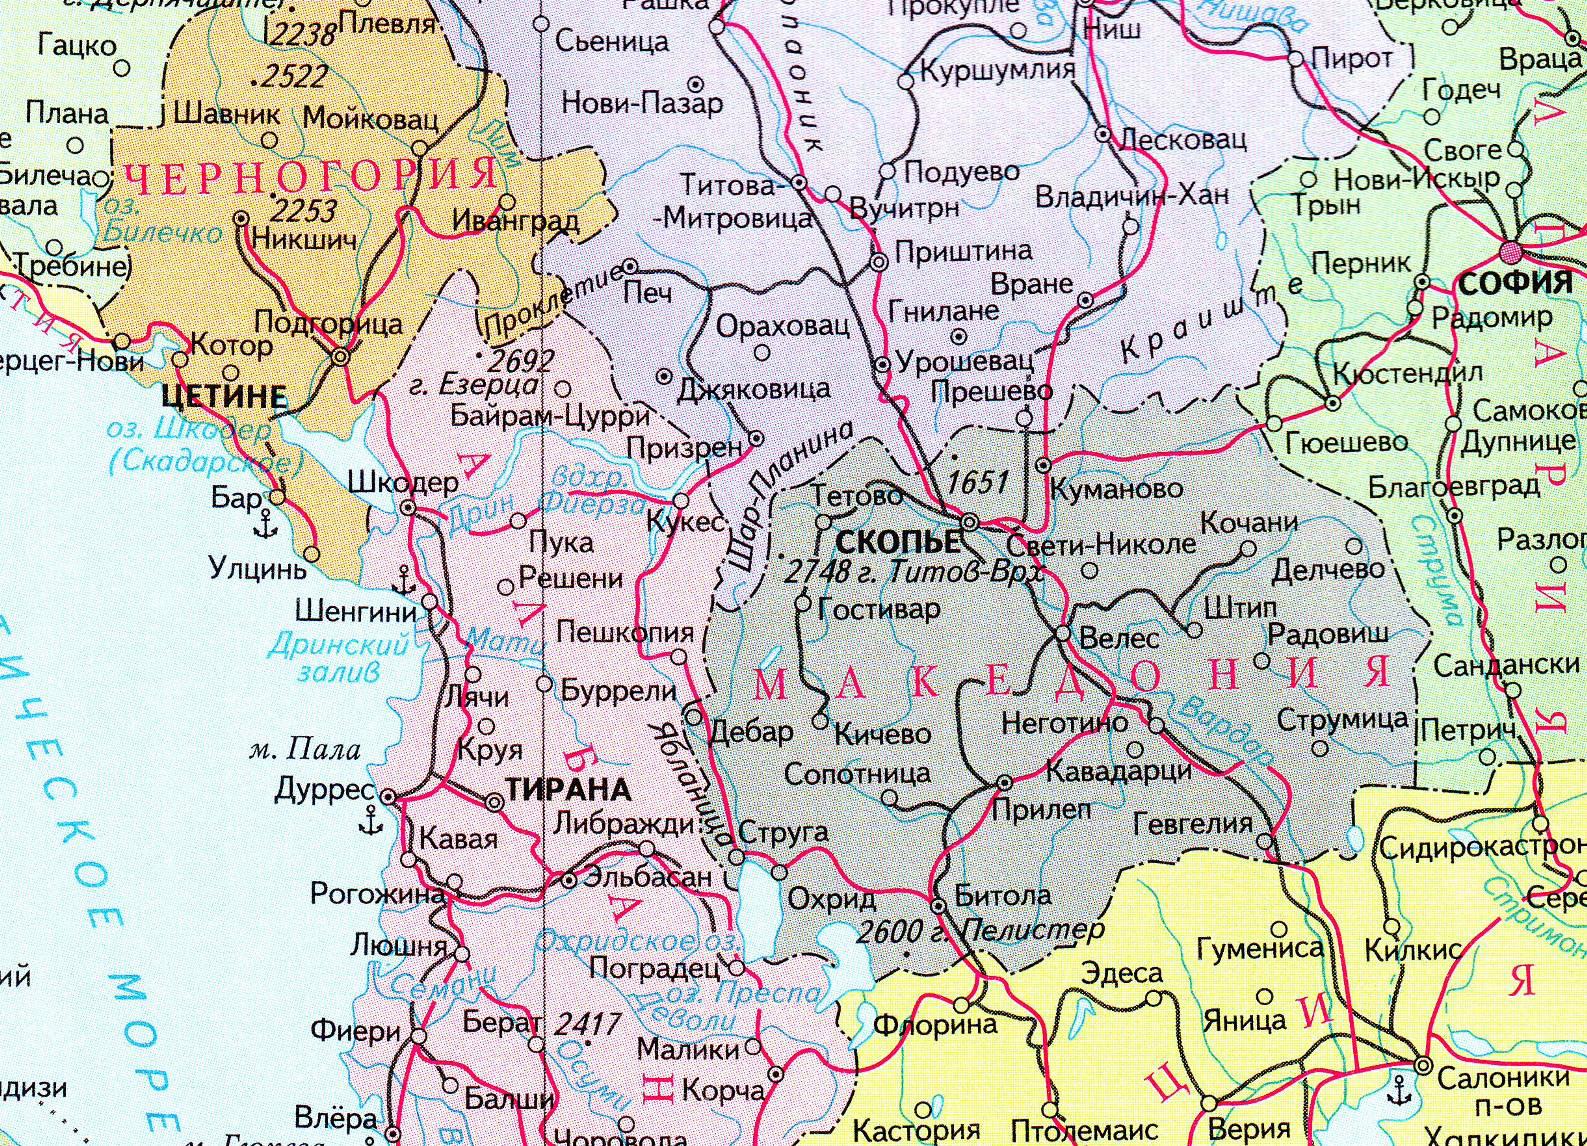 Соседние страны на политической карте